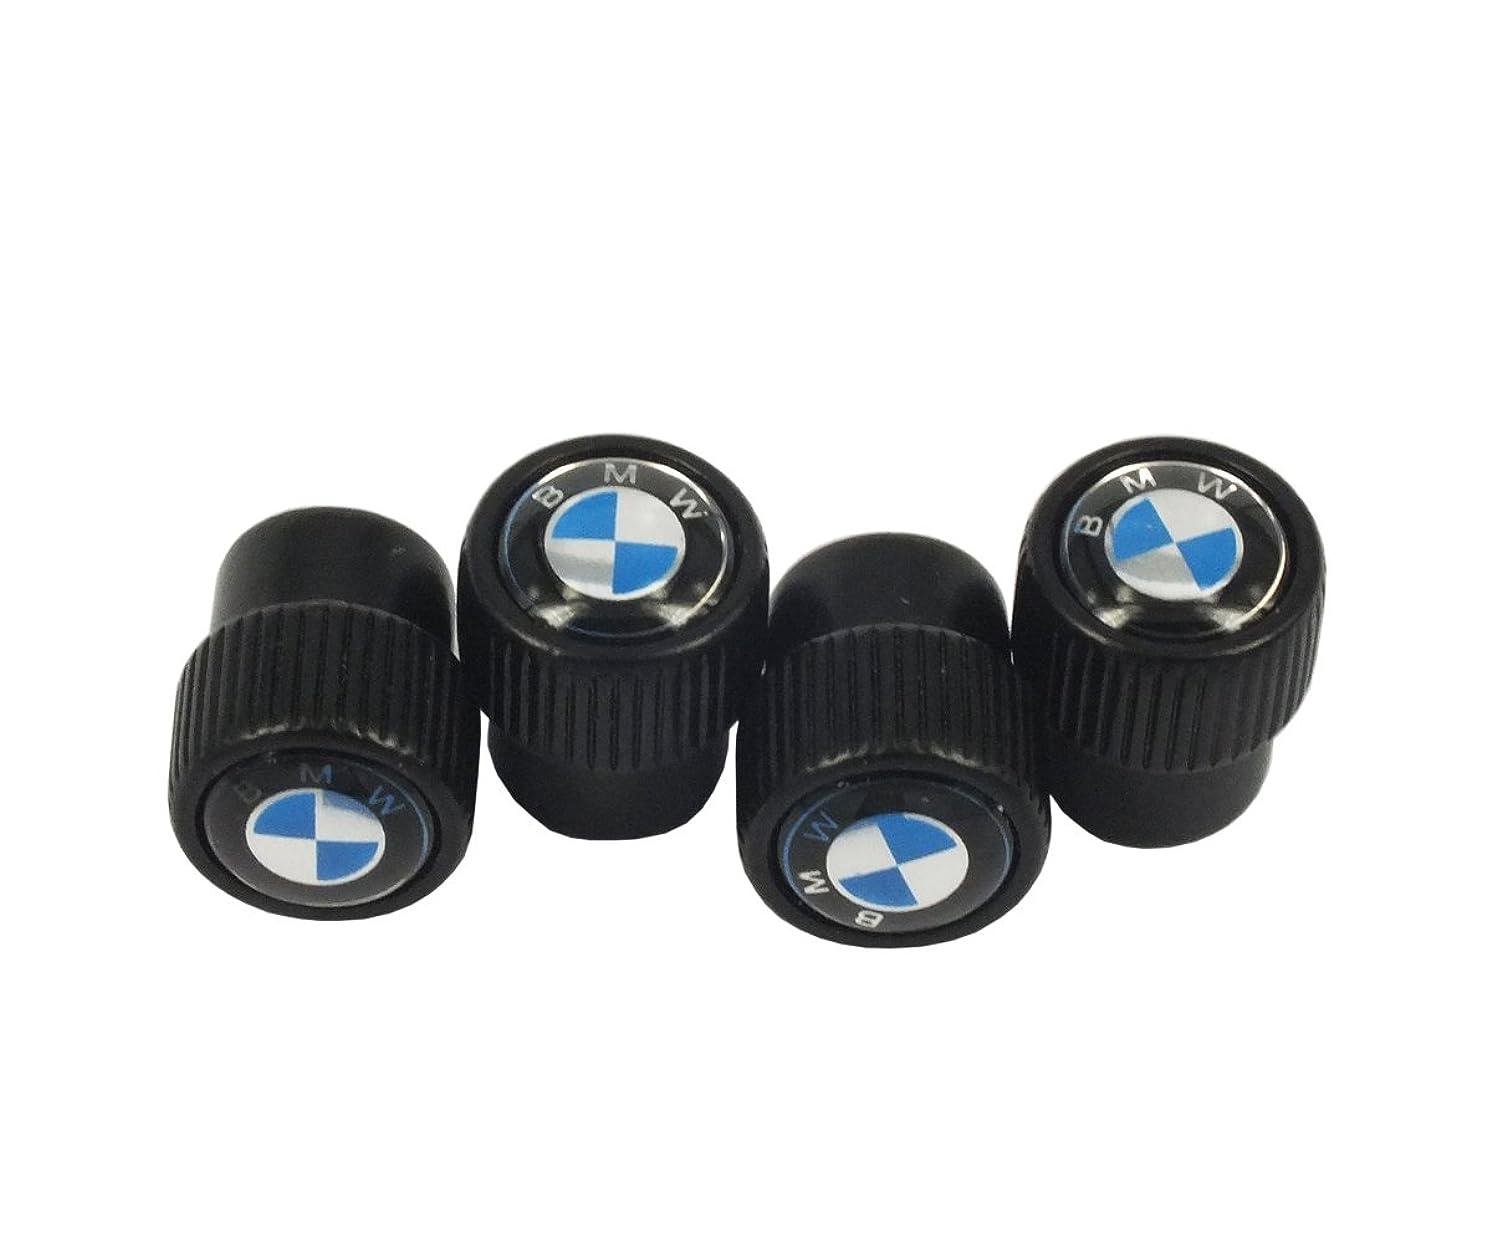 PLKN 4pcs Black Color BMW Logo Car Accessories Big Head Valve Cap Fit For BMW Car Model